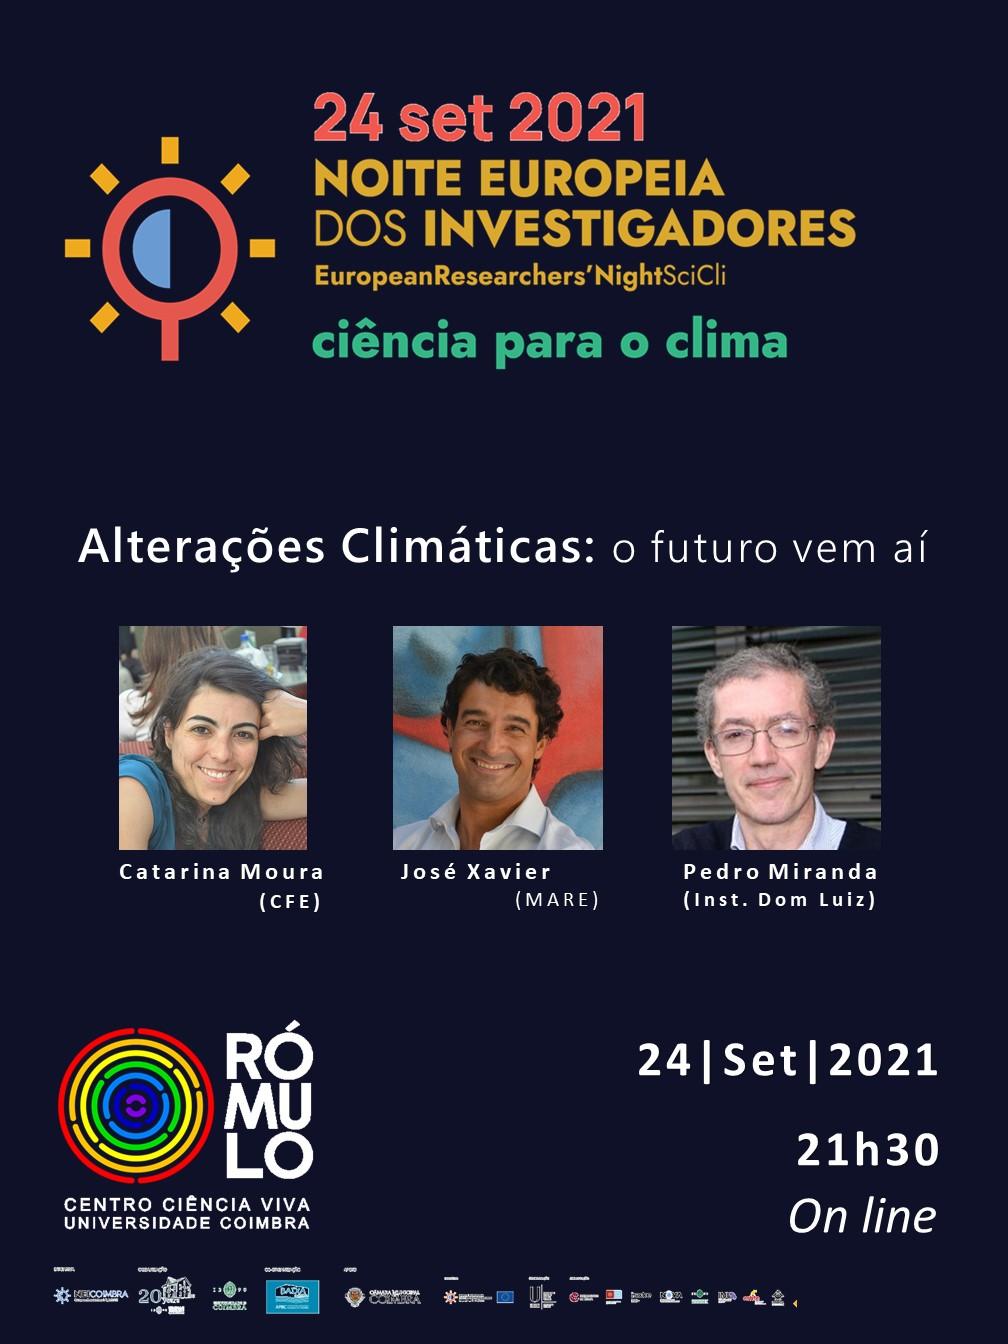 Alterações Climáticas: O Futuro vem aí | Noite Europeia dos Investigadores